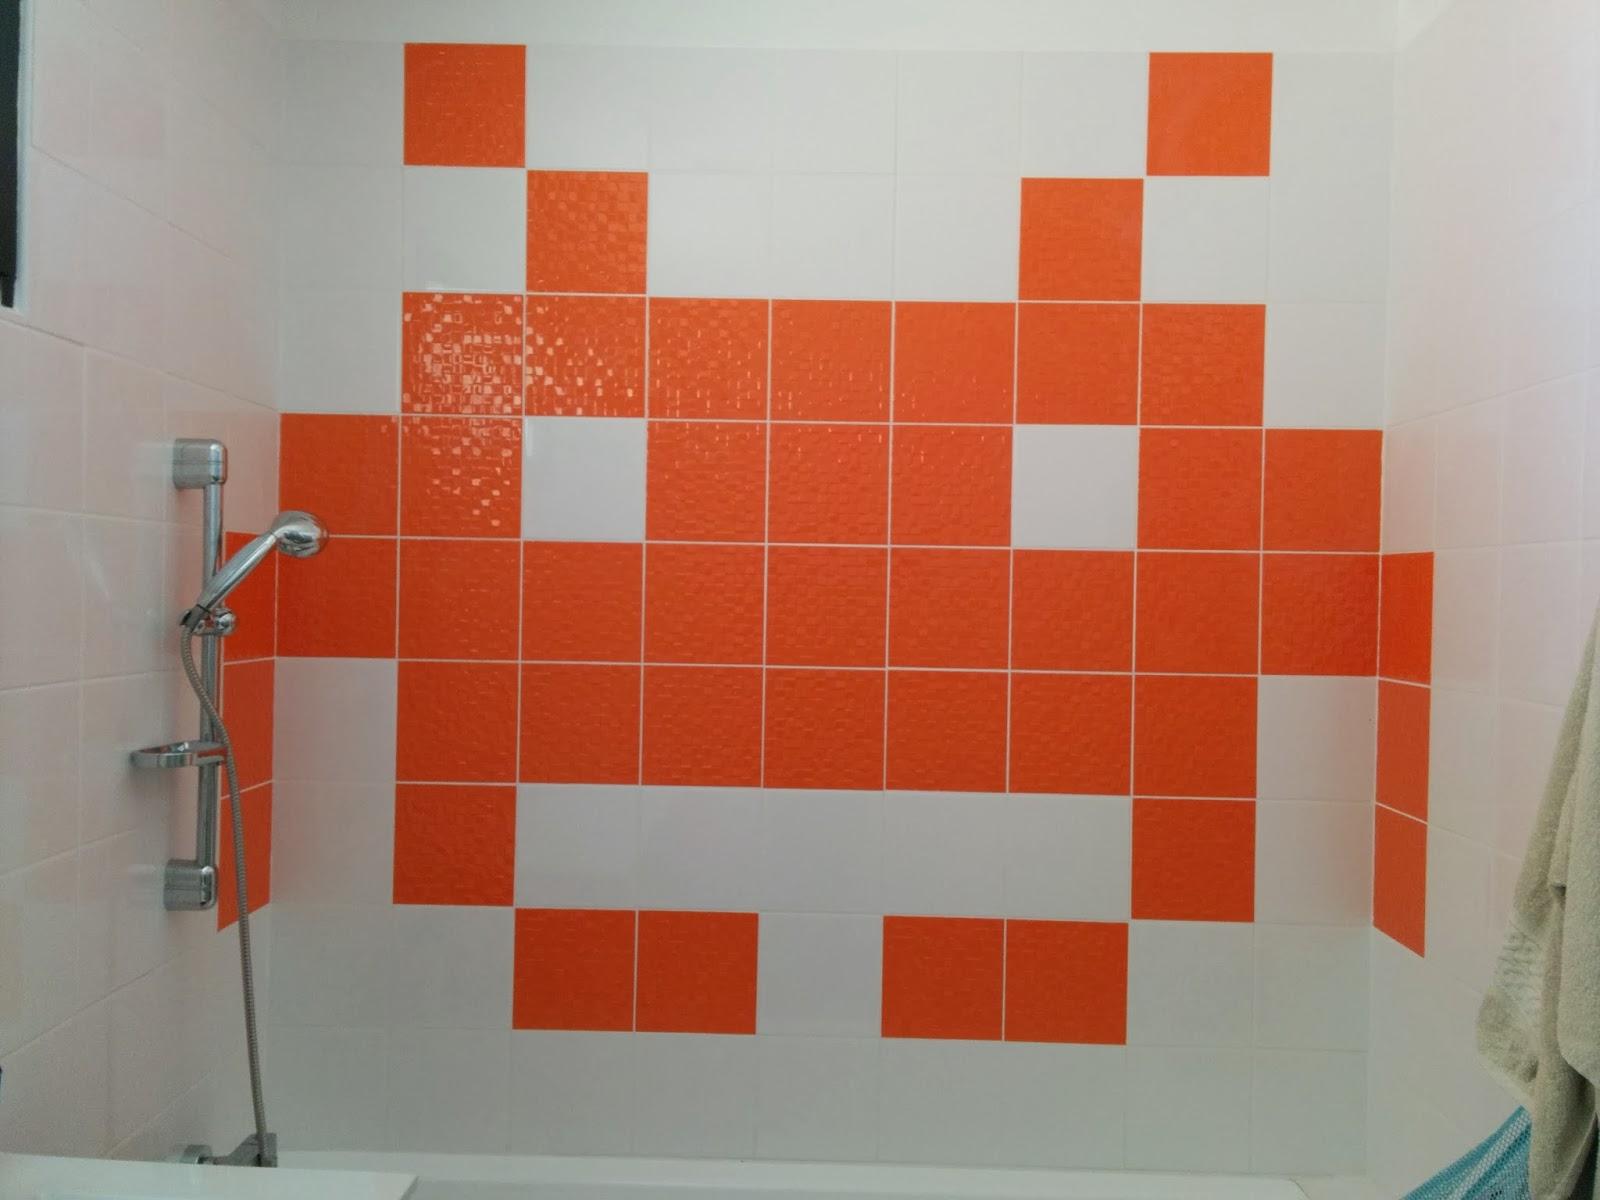 Le blog d 39 alizarine d co la salle de bains des enfants - Deco salle de bain enfant ...